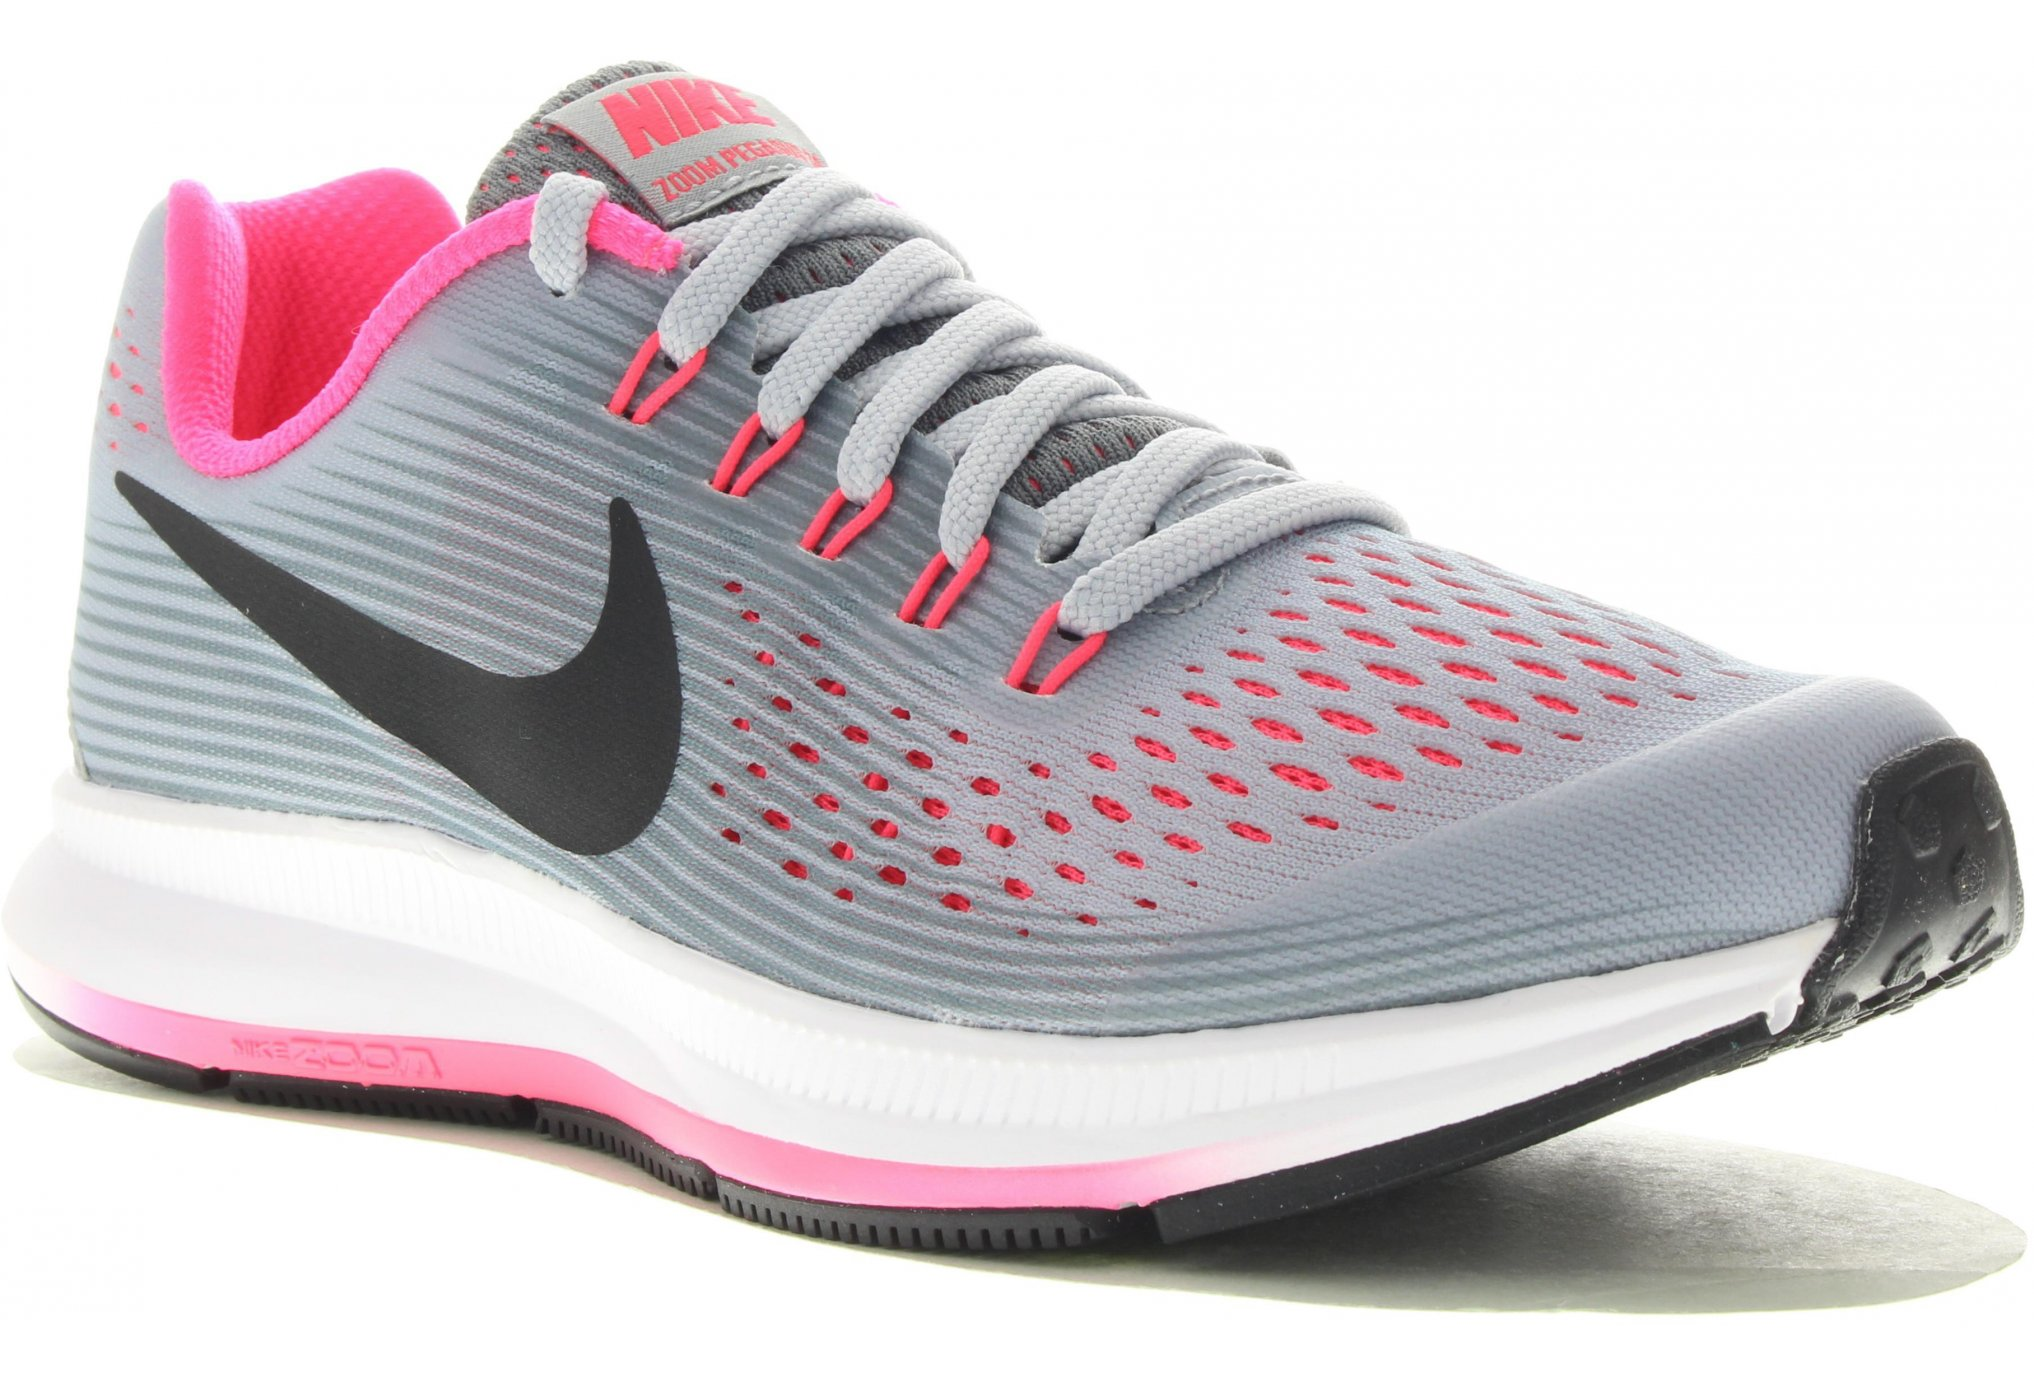 chaussures de séparation a6008 b153d Trail Session - Nike Air Zoom Pegasus 34 GS Chaussures ...